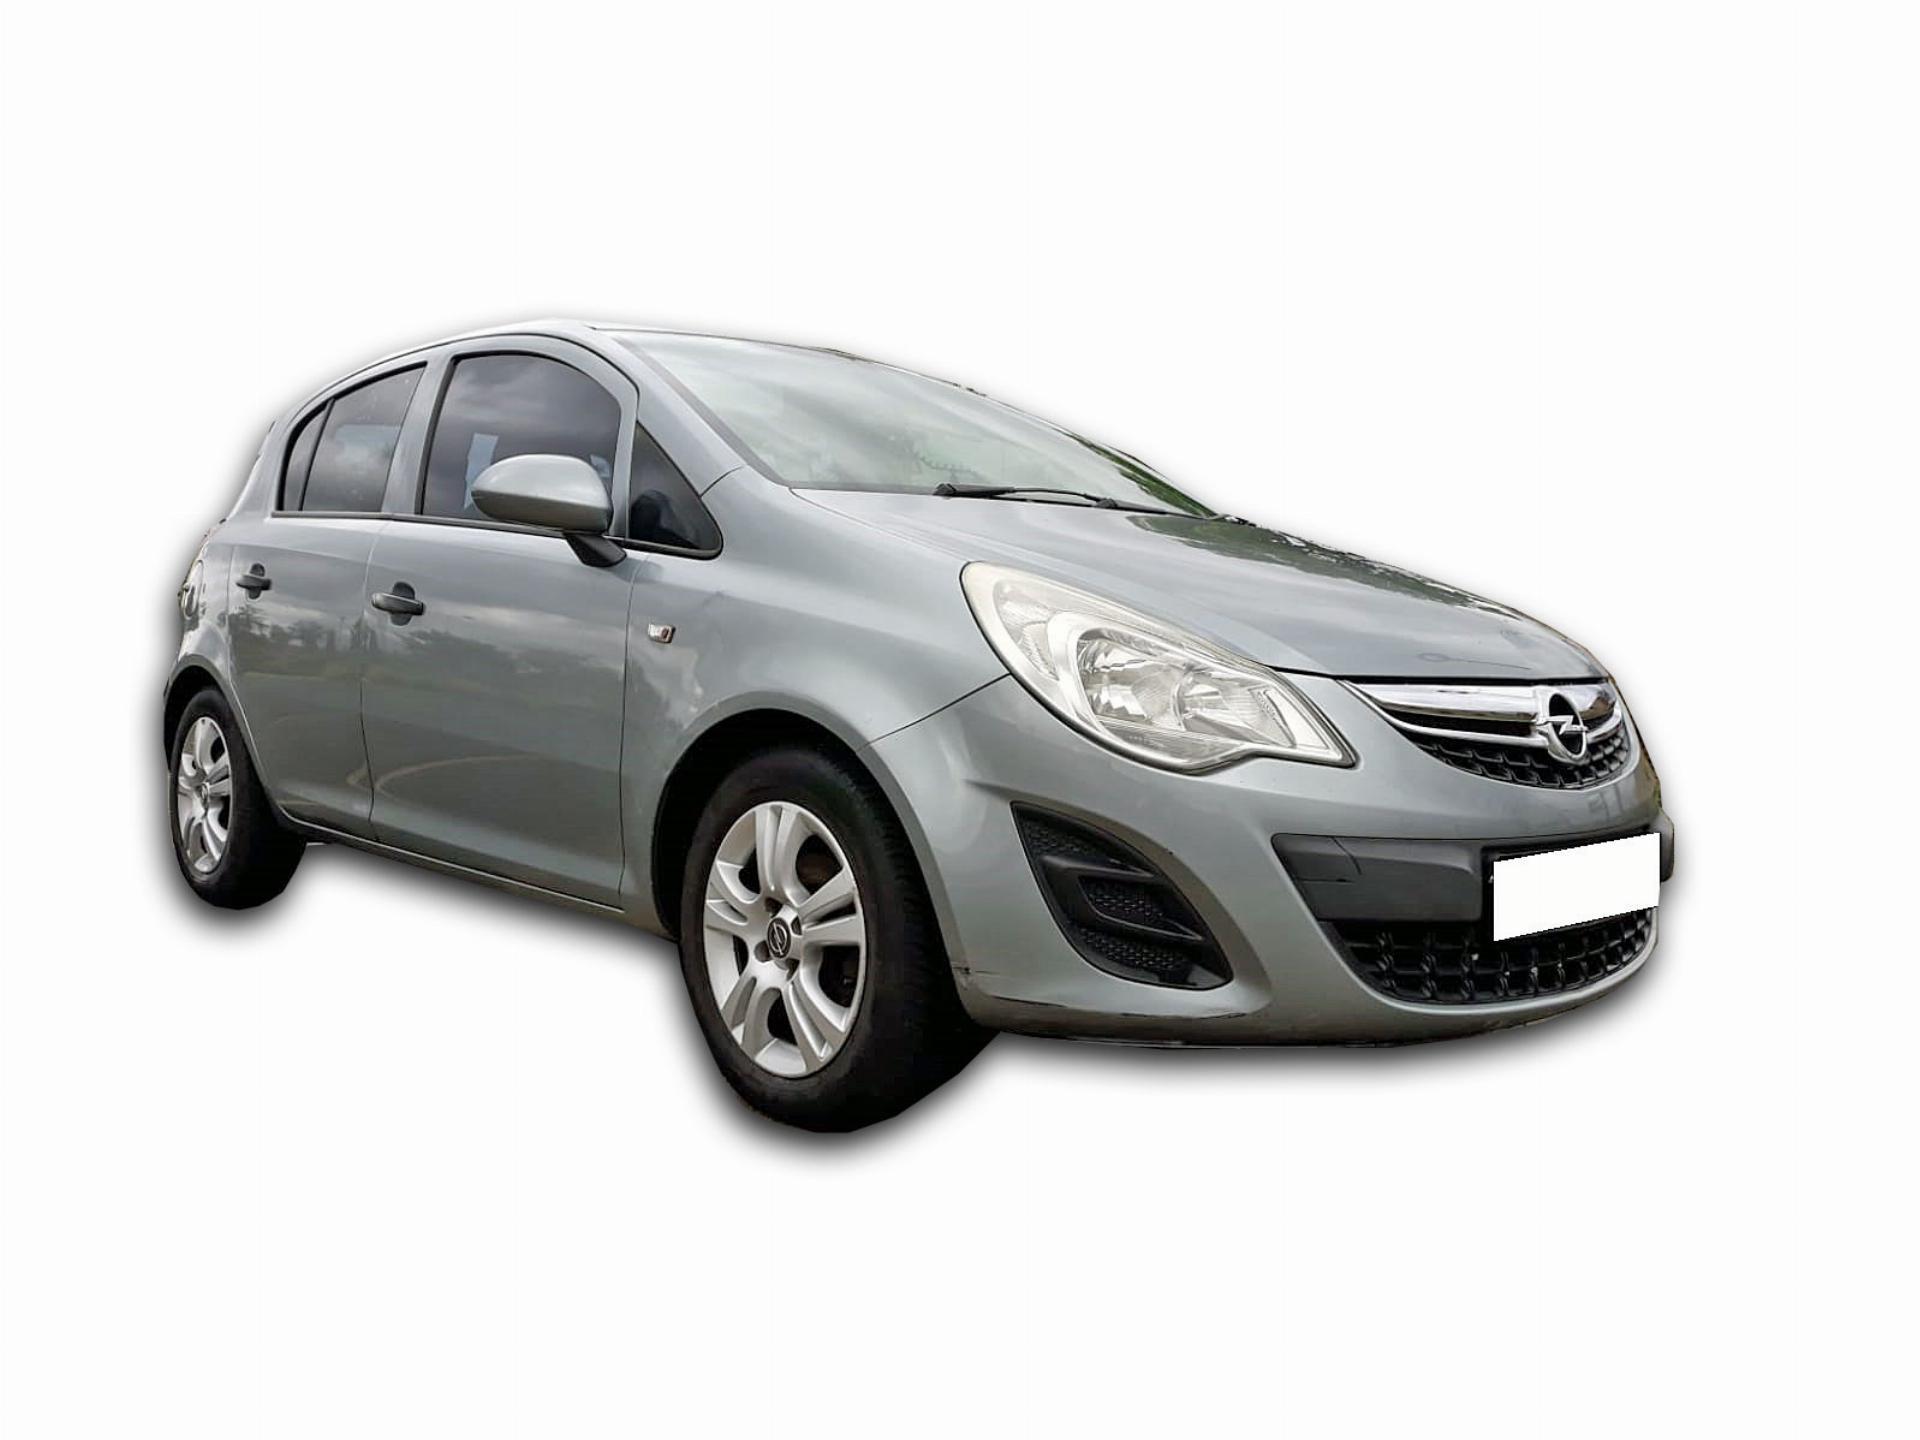 Opel Corsa 1.4 Essentia 5 Door